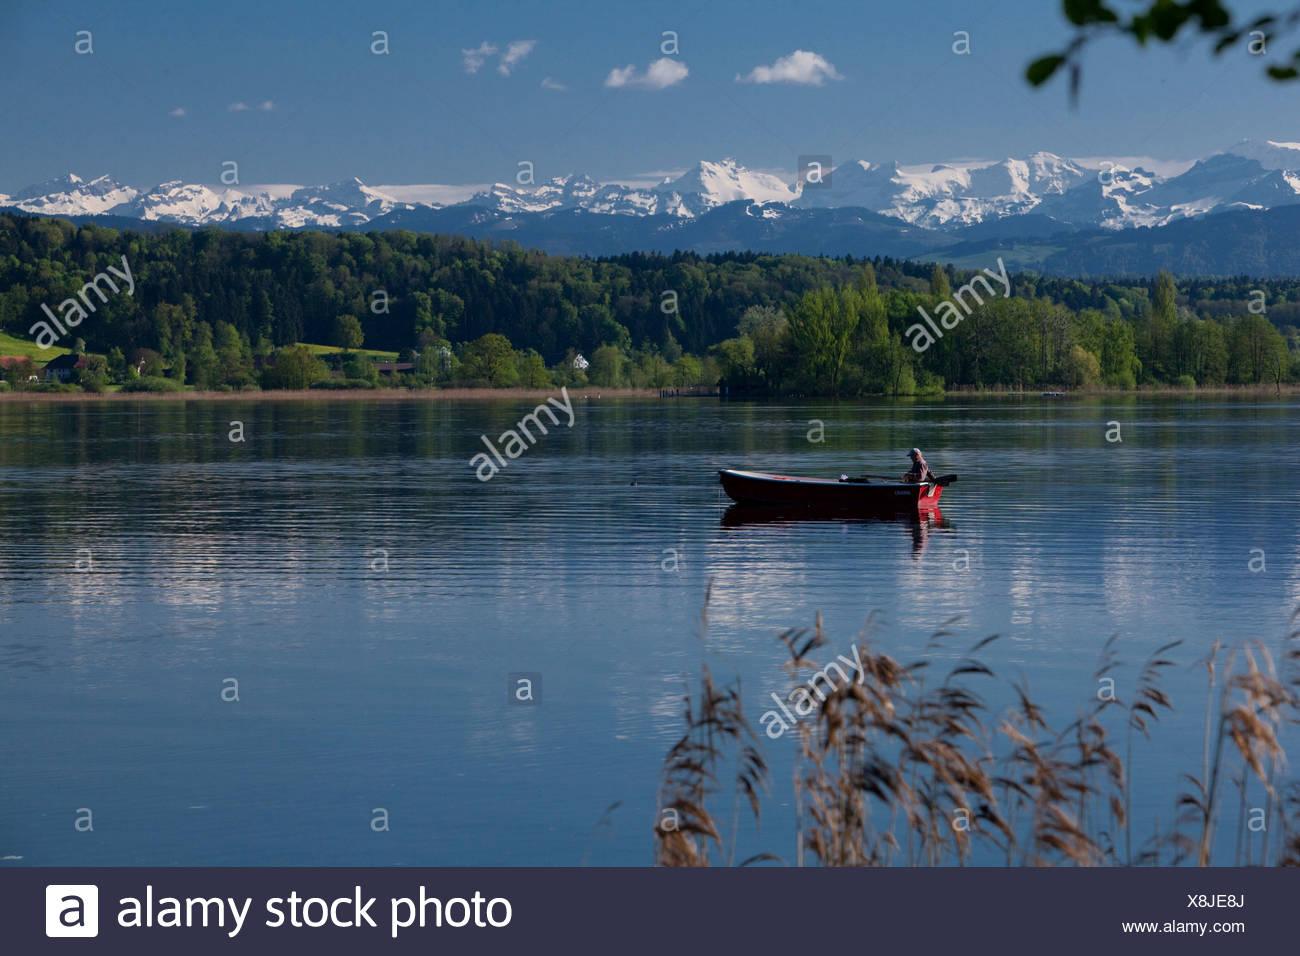 Schweiz, Europa, See, Schiff, Boot, Schiffe, Boote, Alpen, Kanton ZH, Zürich, Frühling, Greifensee, Greifensee, Boot Stockfoto